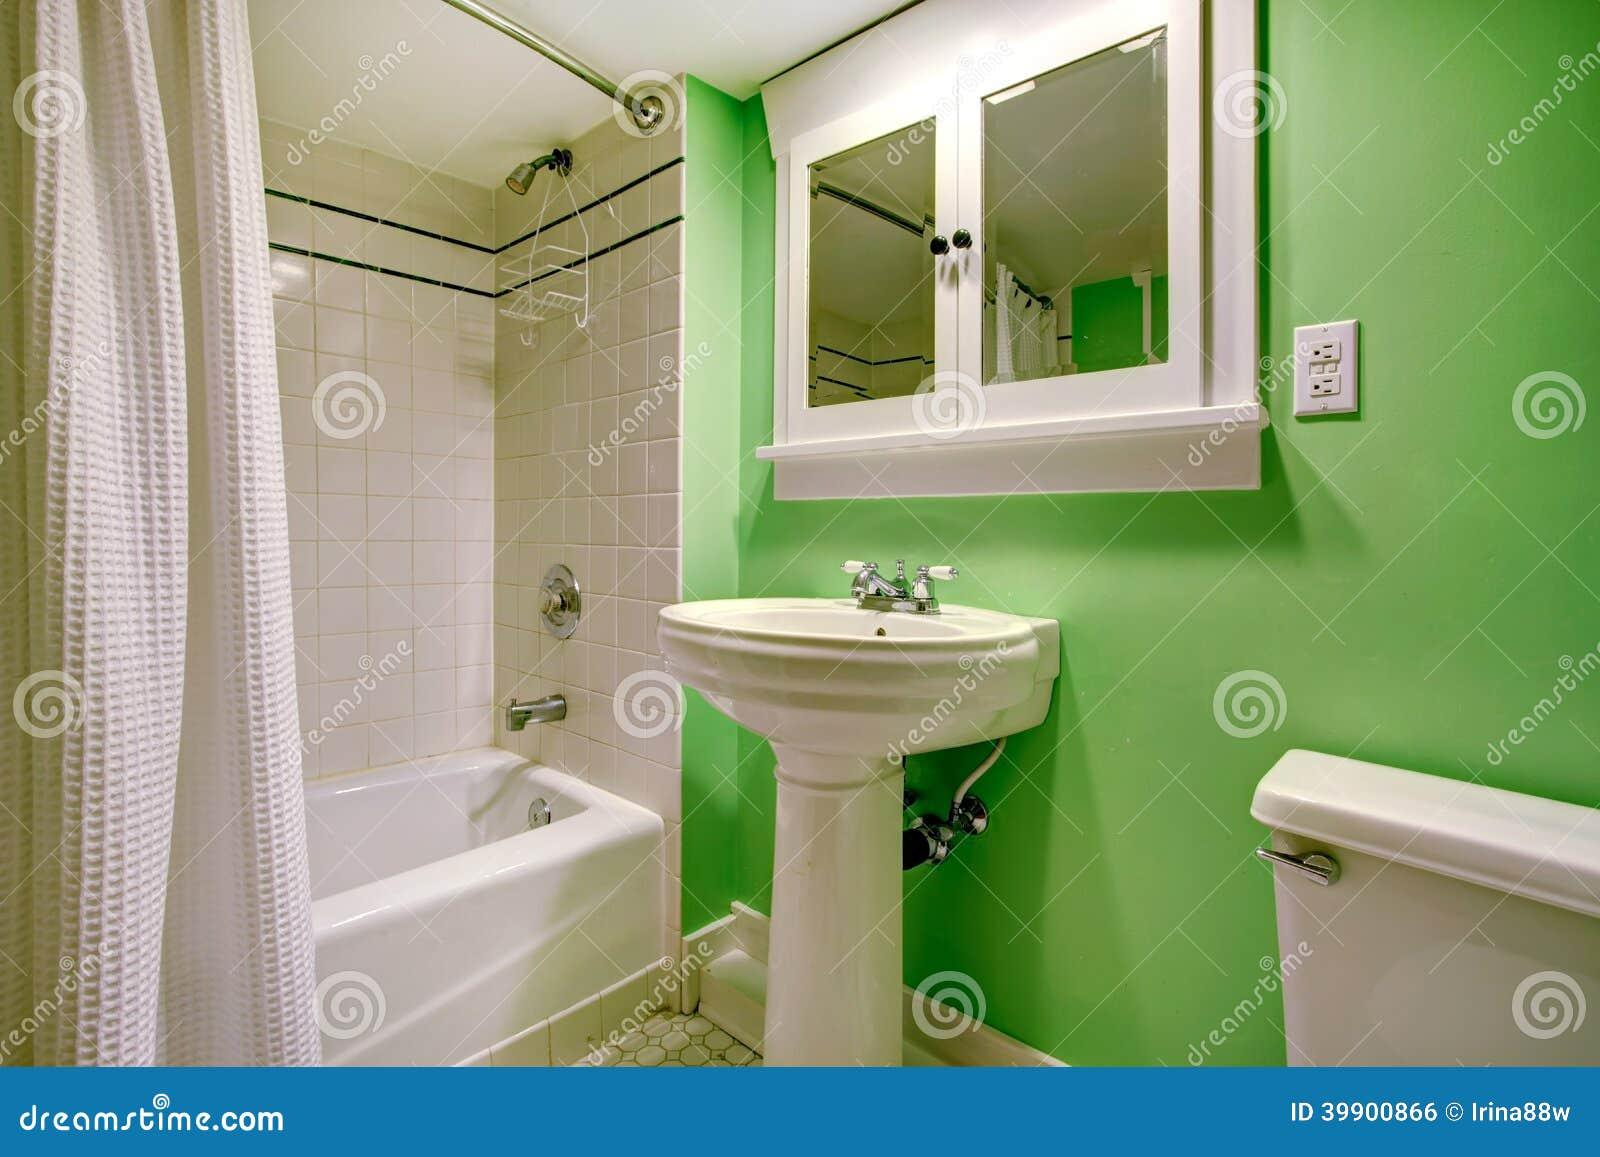 Baño Verde Con Blanco:Cuarto De Baño Verde Con El Ajuste Blanco De La Teja Foto de archivo